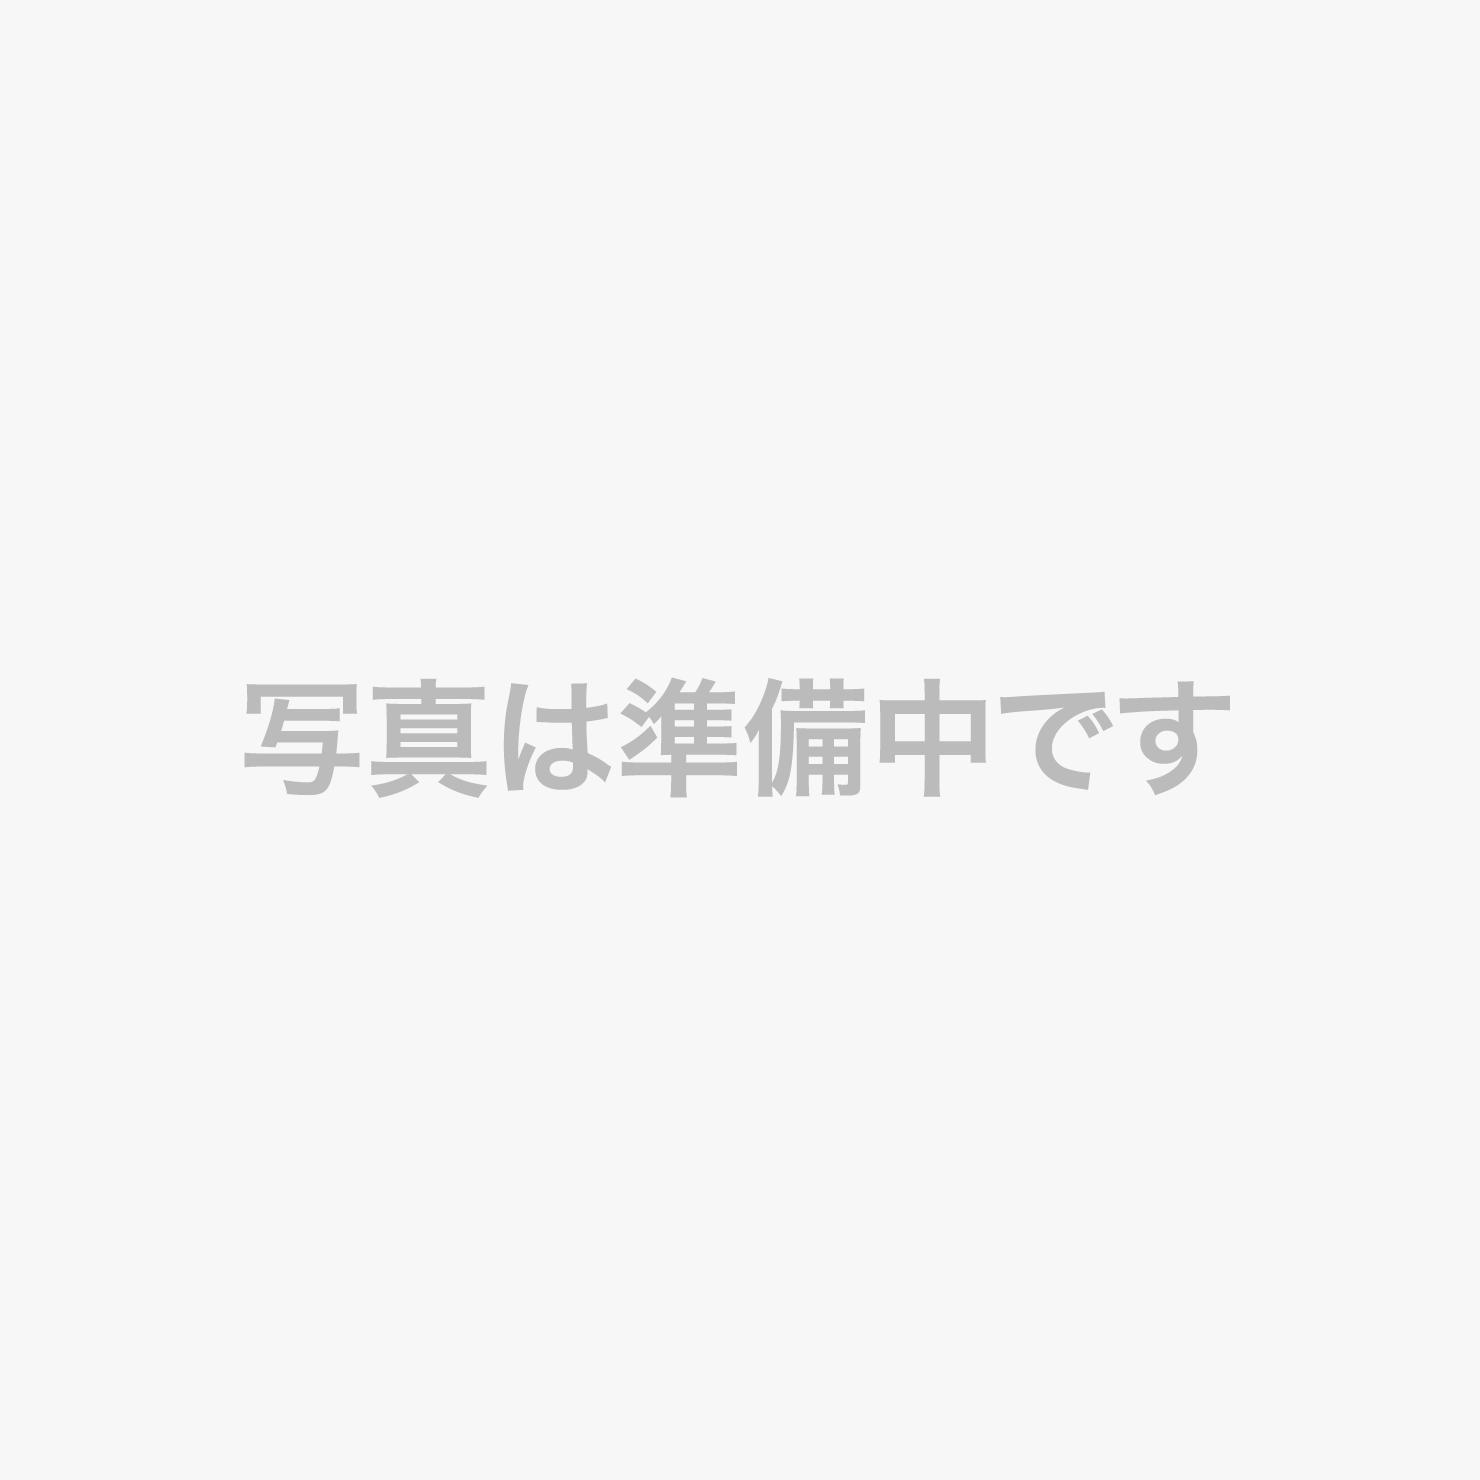 西方寺・定義如来(写真提供:宮城県観光課)